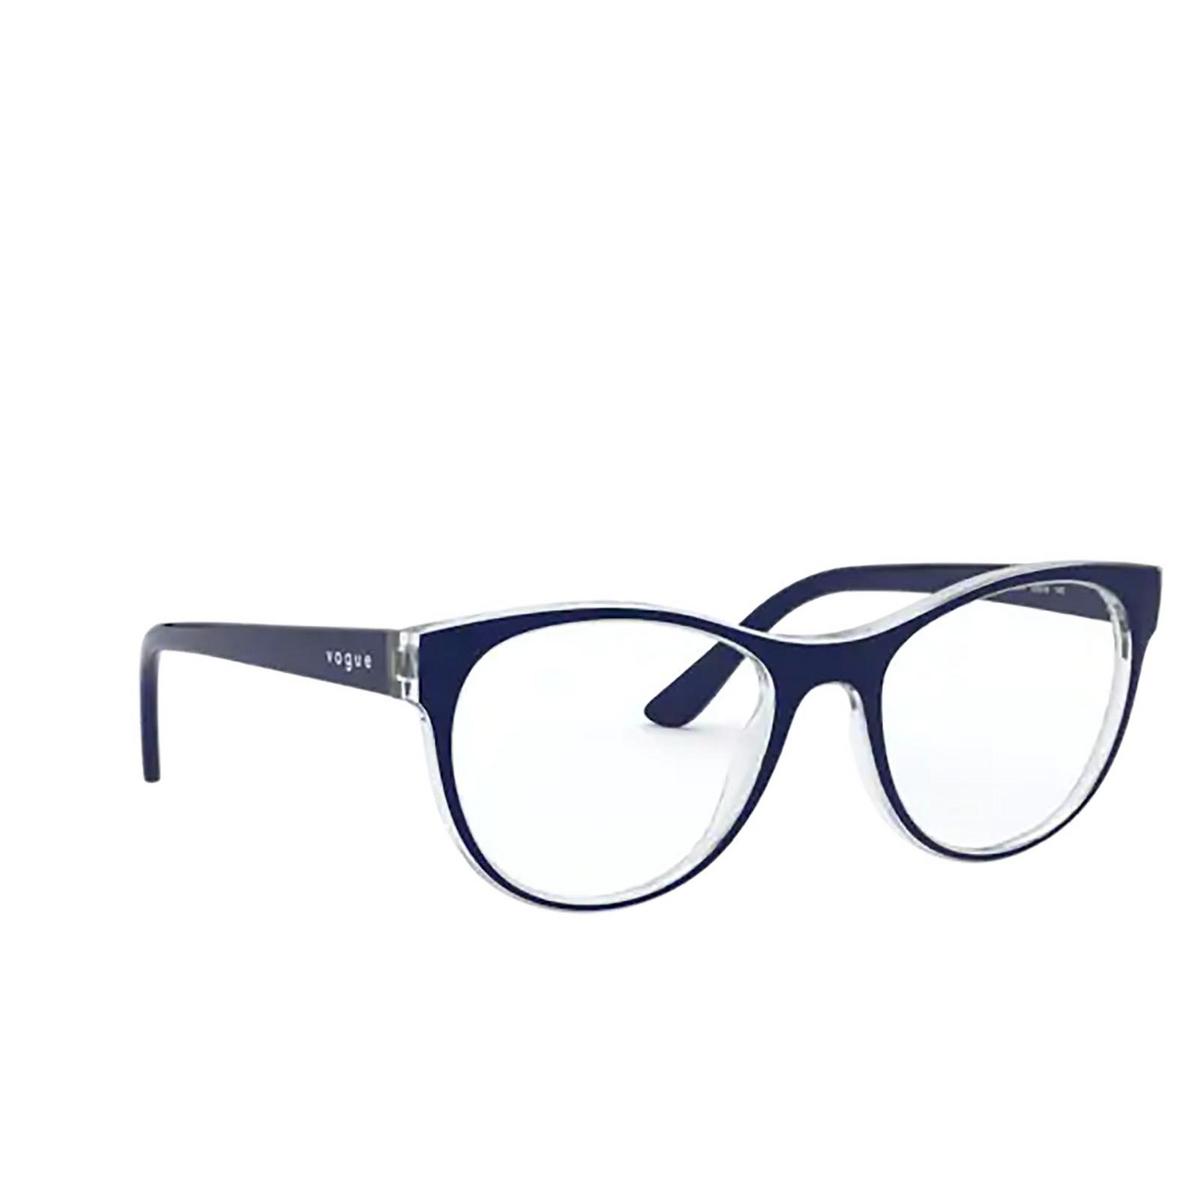 Vogue® Cat-eye Eyeglasses: VO5336 color Top Blue / Serigraphy 2841.